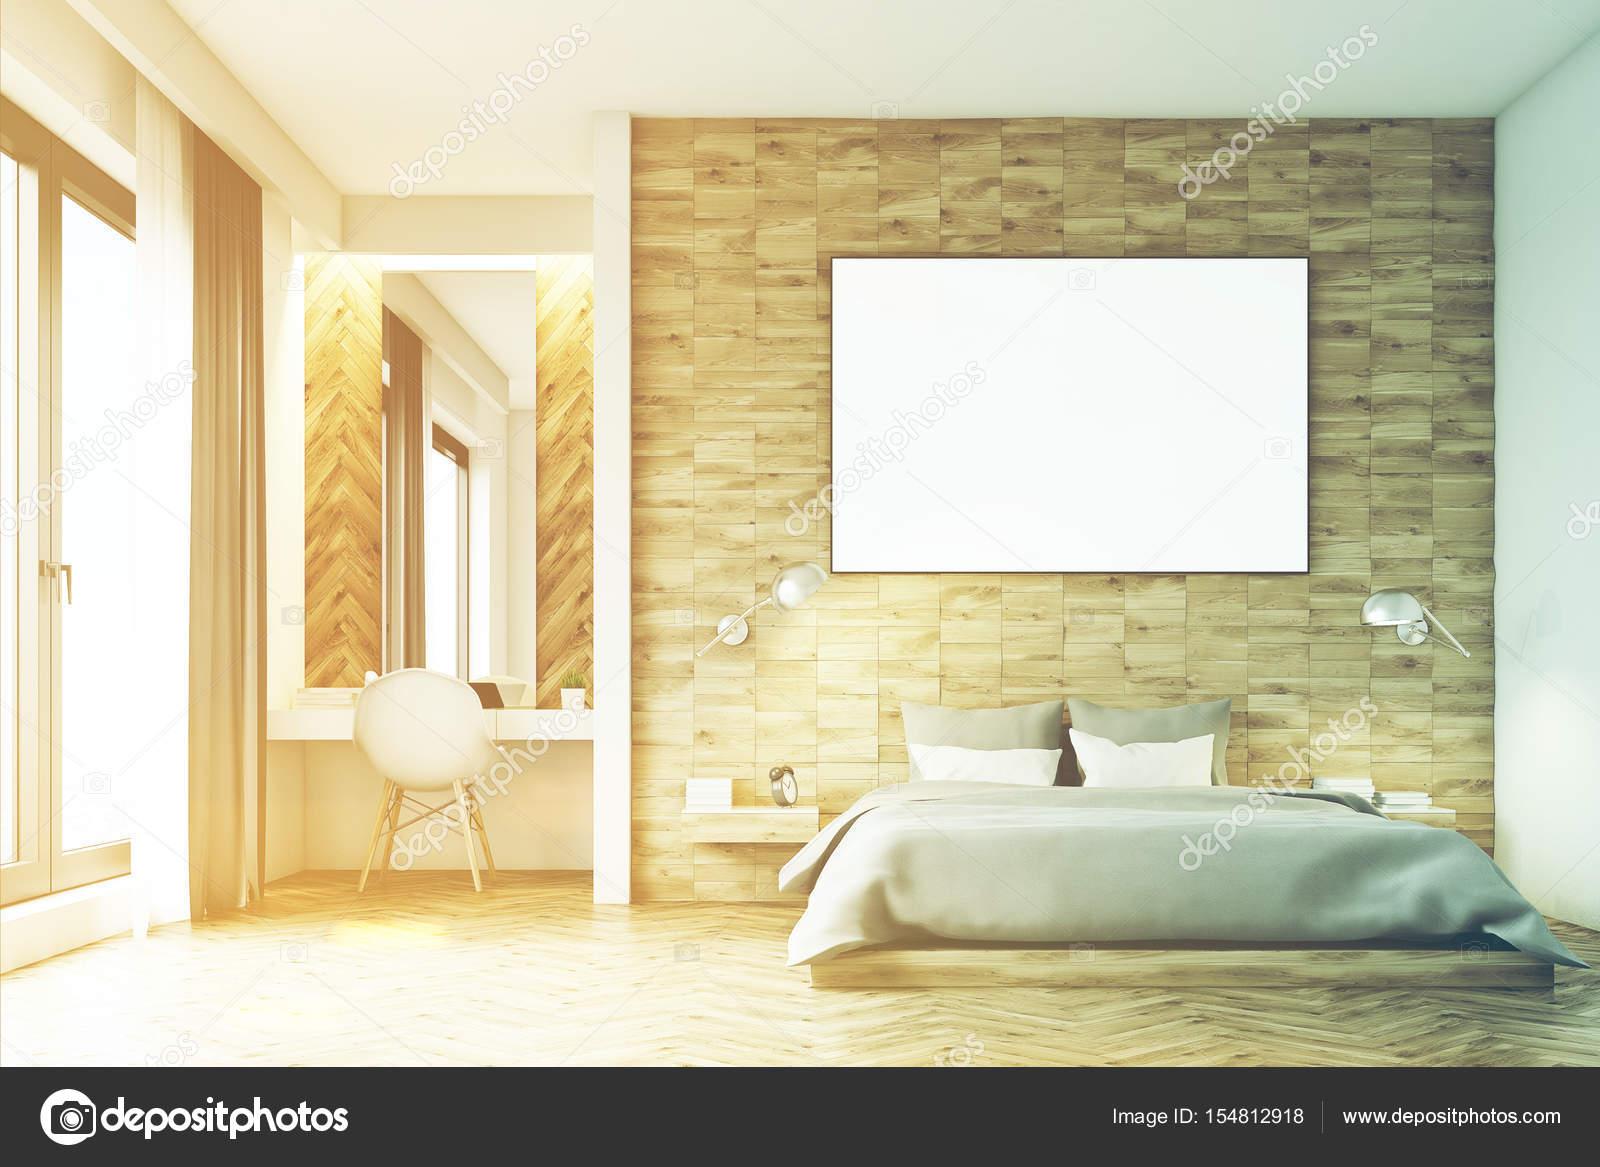 Camera Da Letto Legno Chiaro : Camera da letto in legno chiaro frontale tonica u2014 foto stock